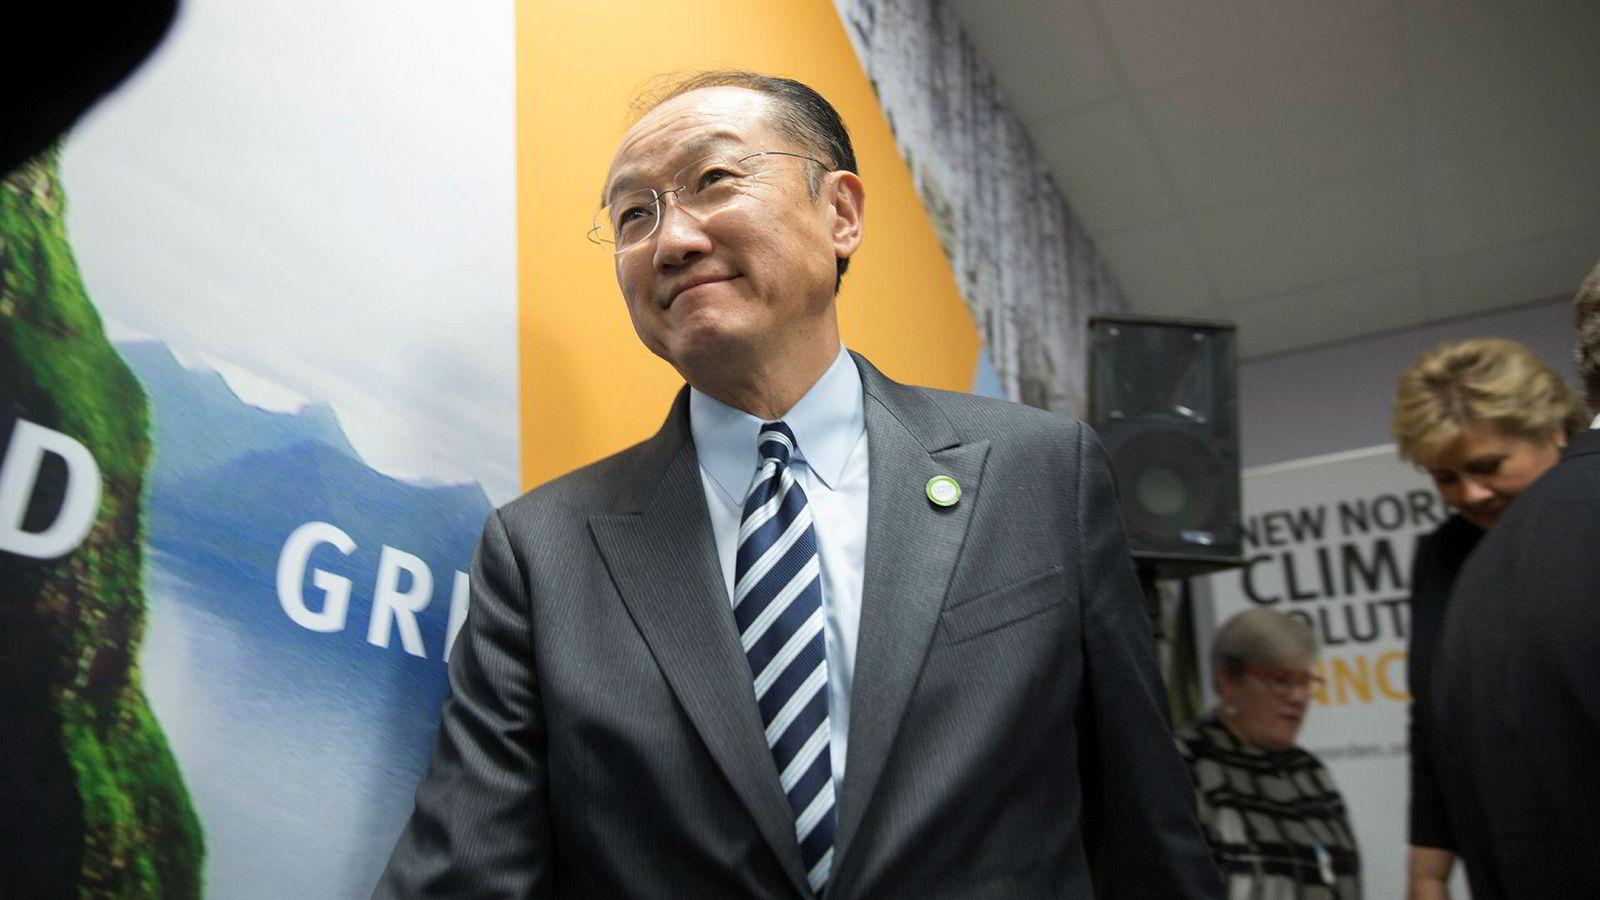 . Verdensbankens president Jim Yong Kim, her med statsminister Erna Solberg (H) i bakgrunnen under FNs klimakonferanse i Paris i 2015.